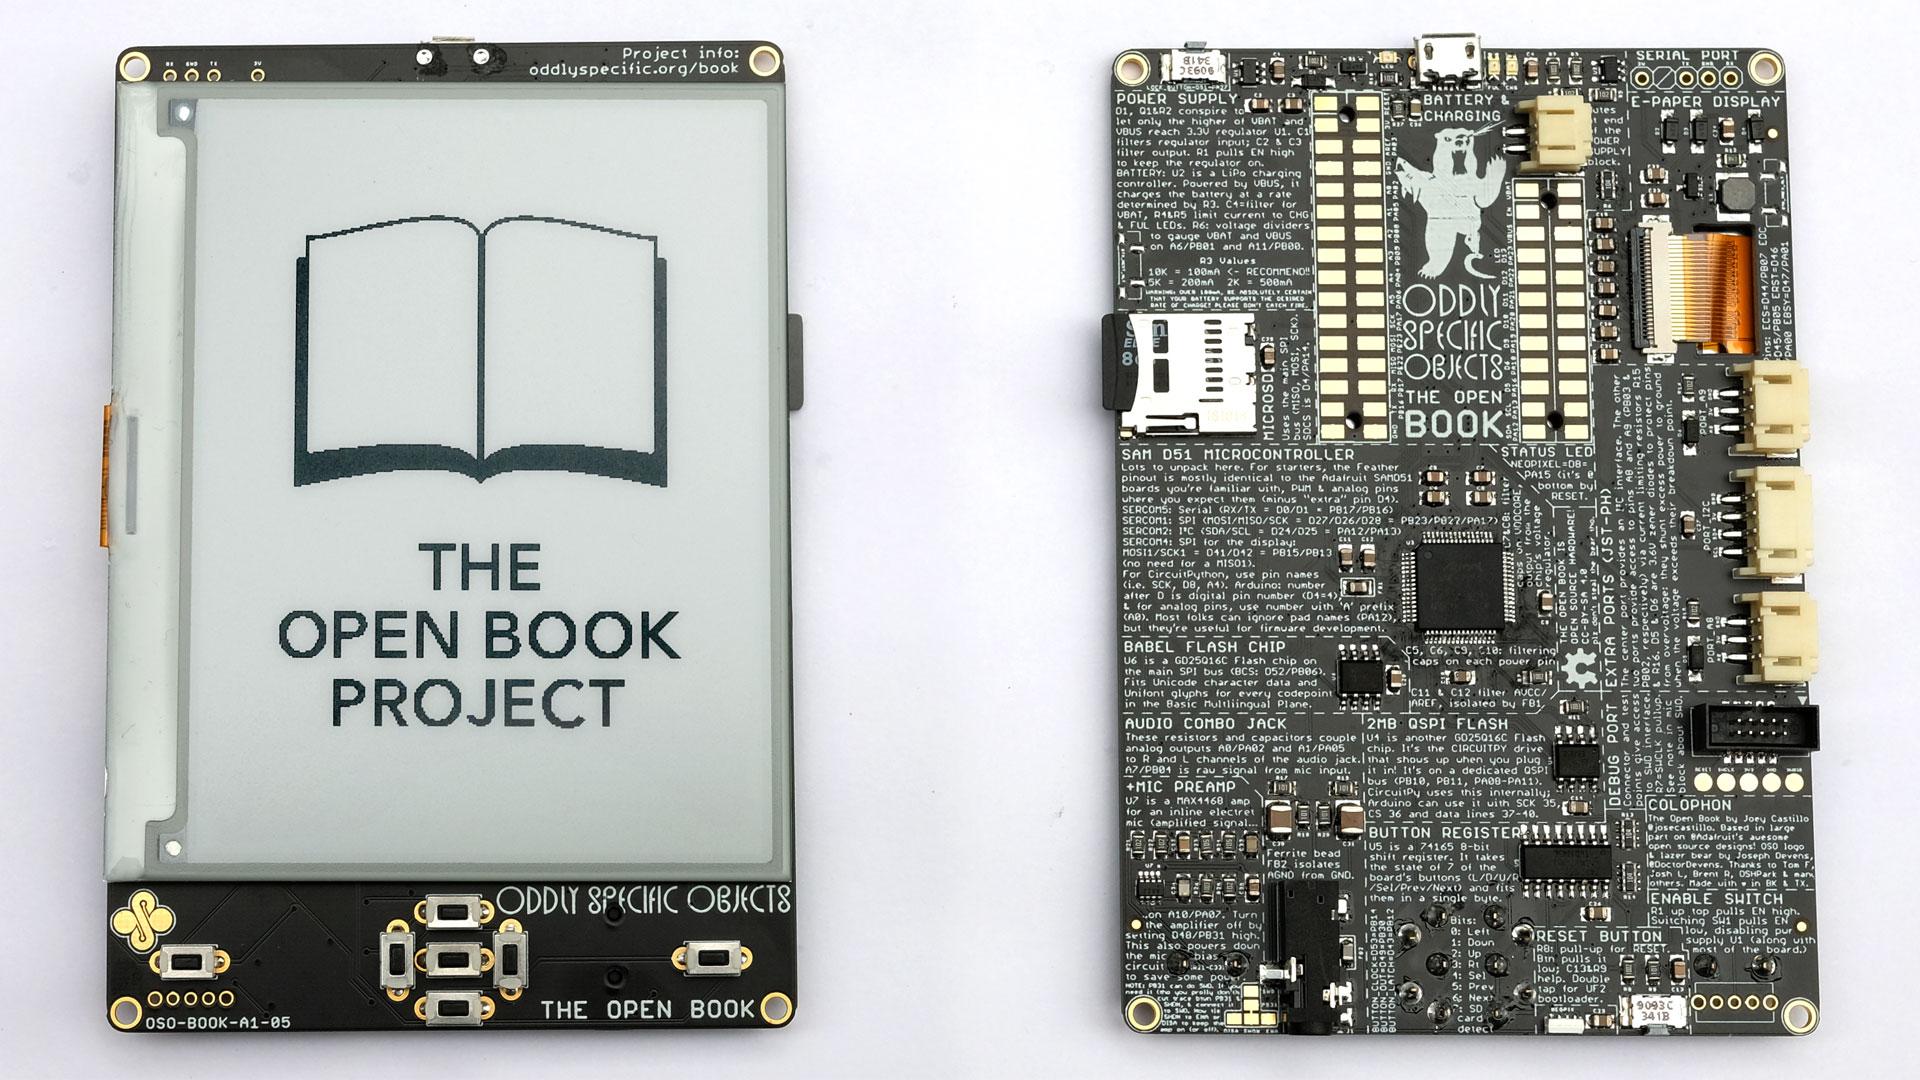 Open Book проект по сборке свободного eReader с паяльником в руках